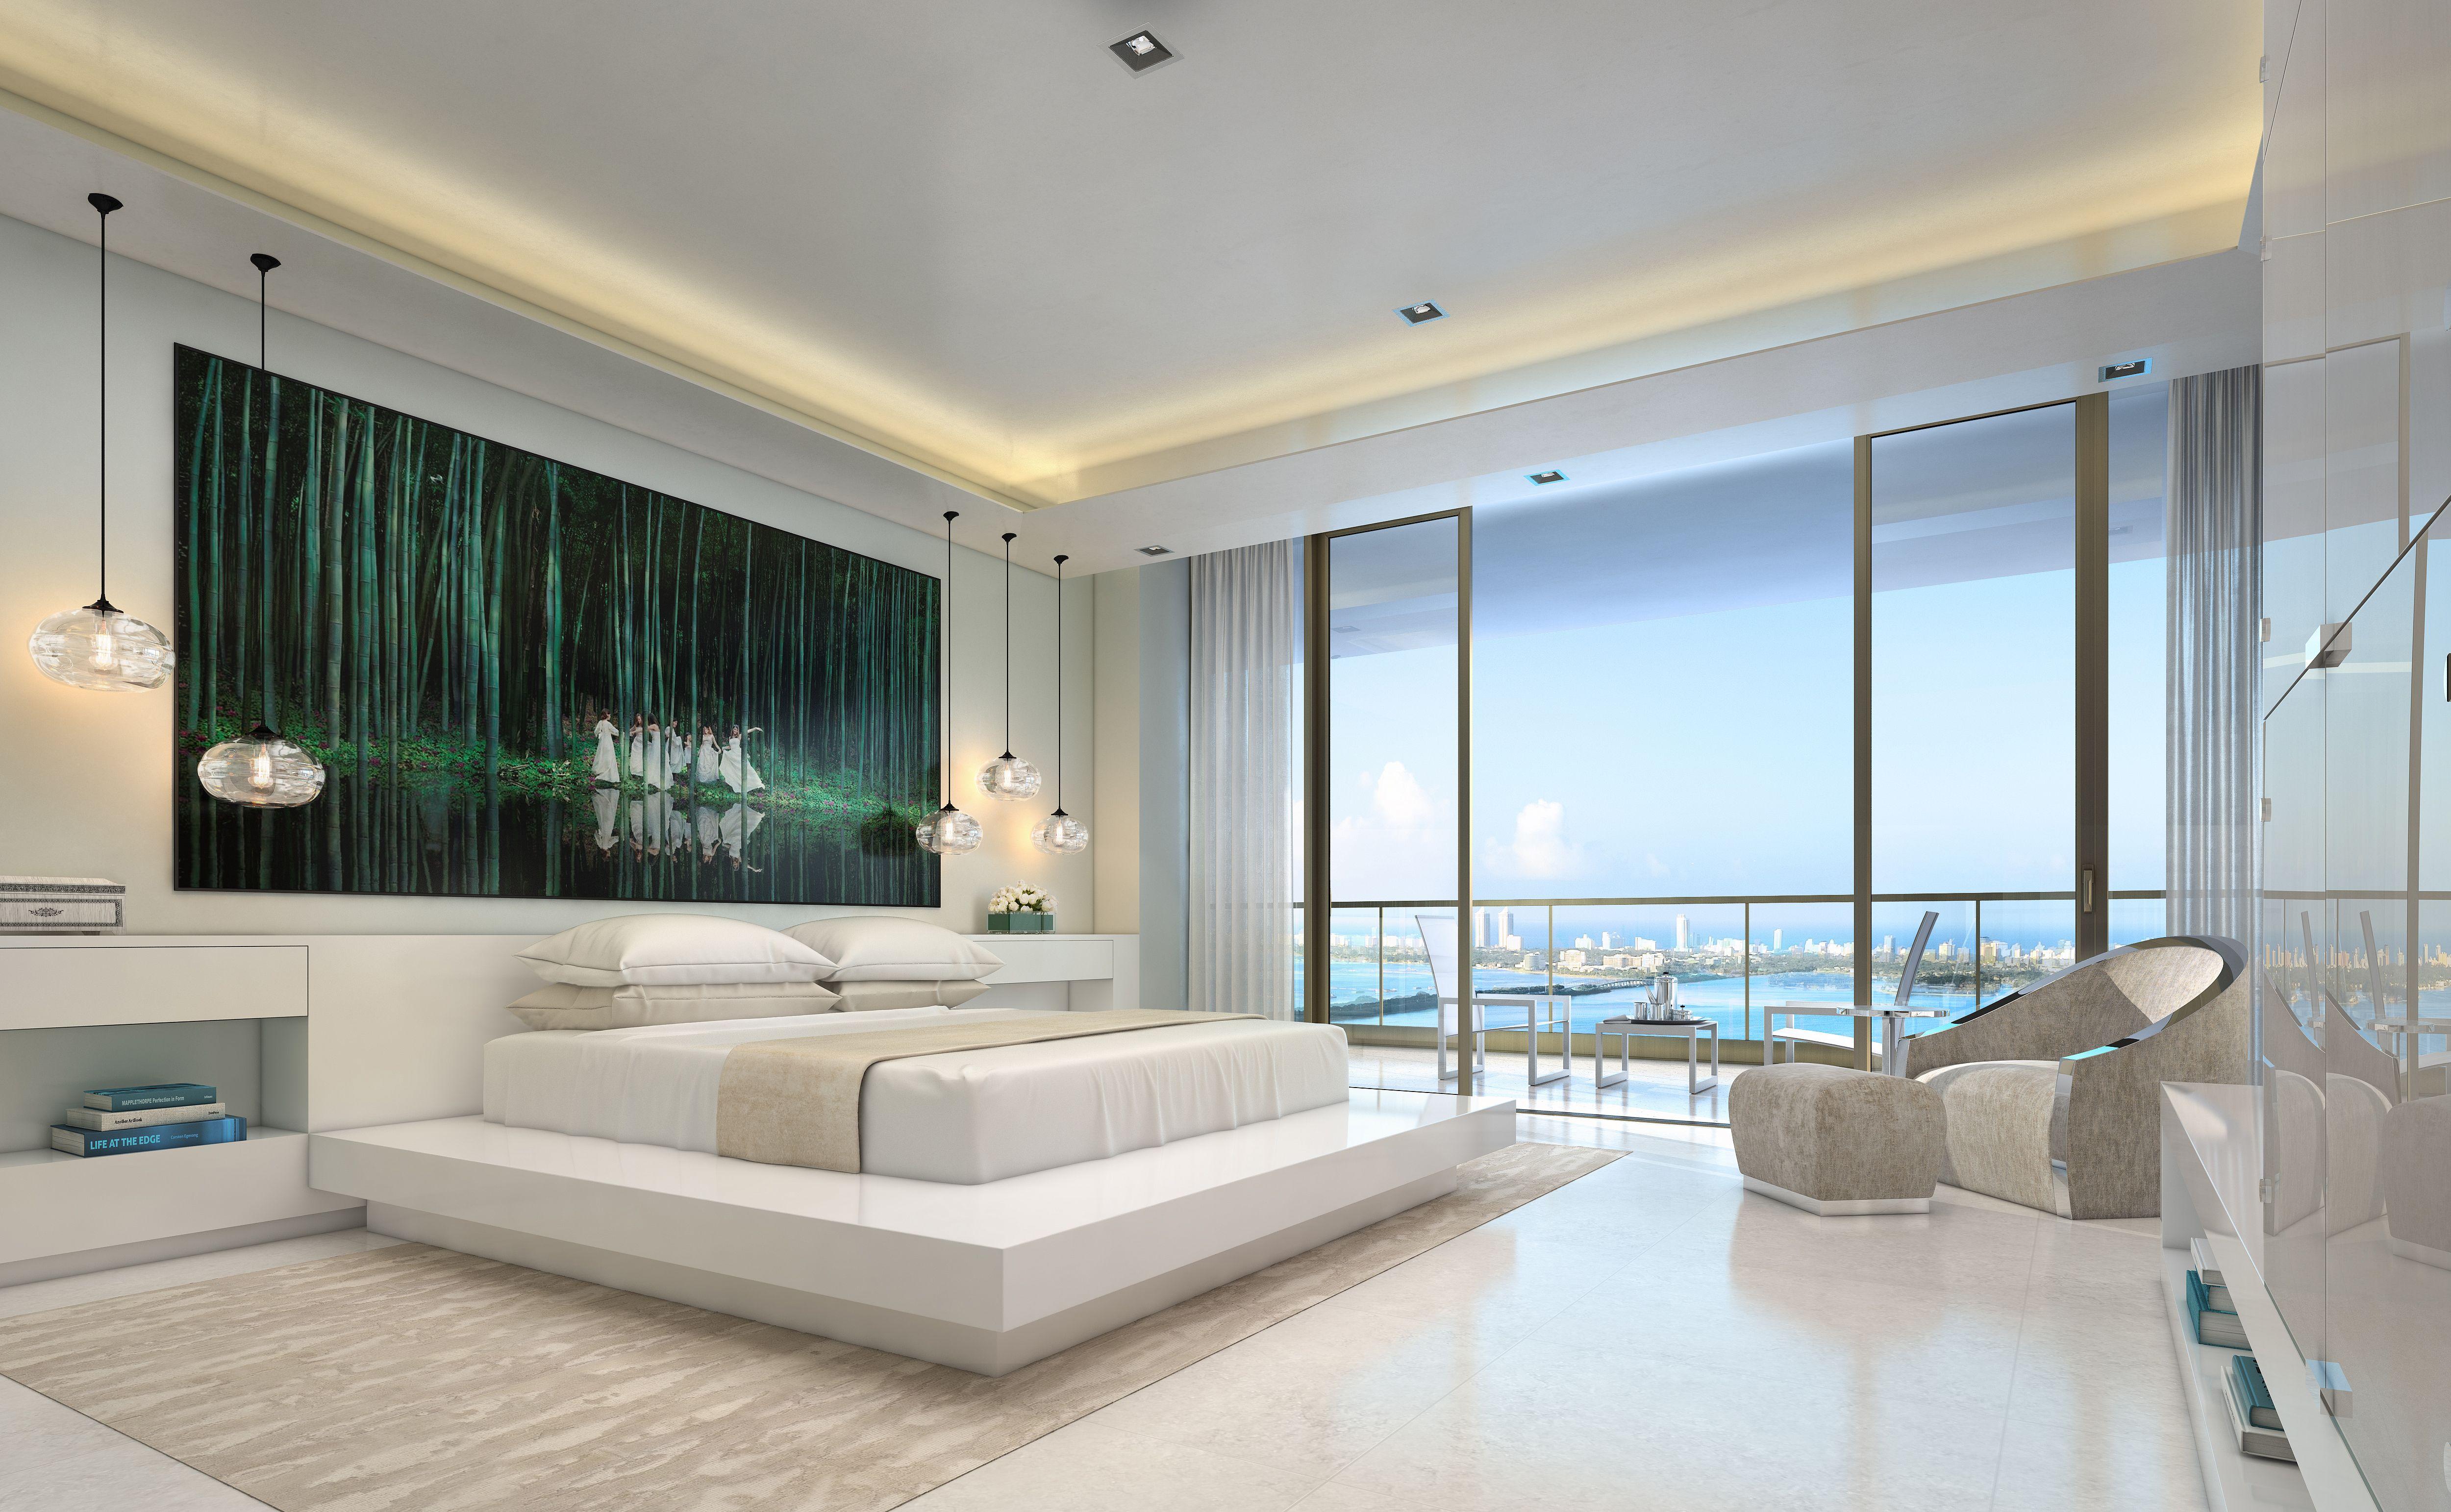 Master bedroom design at Elysee Miami Elysee Miami